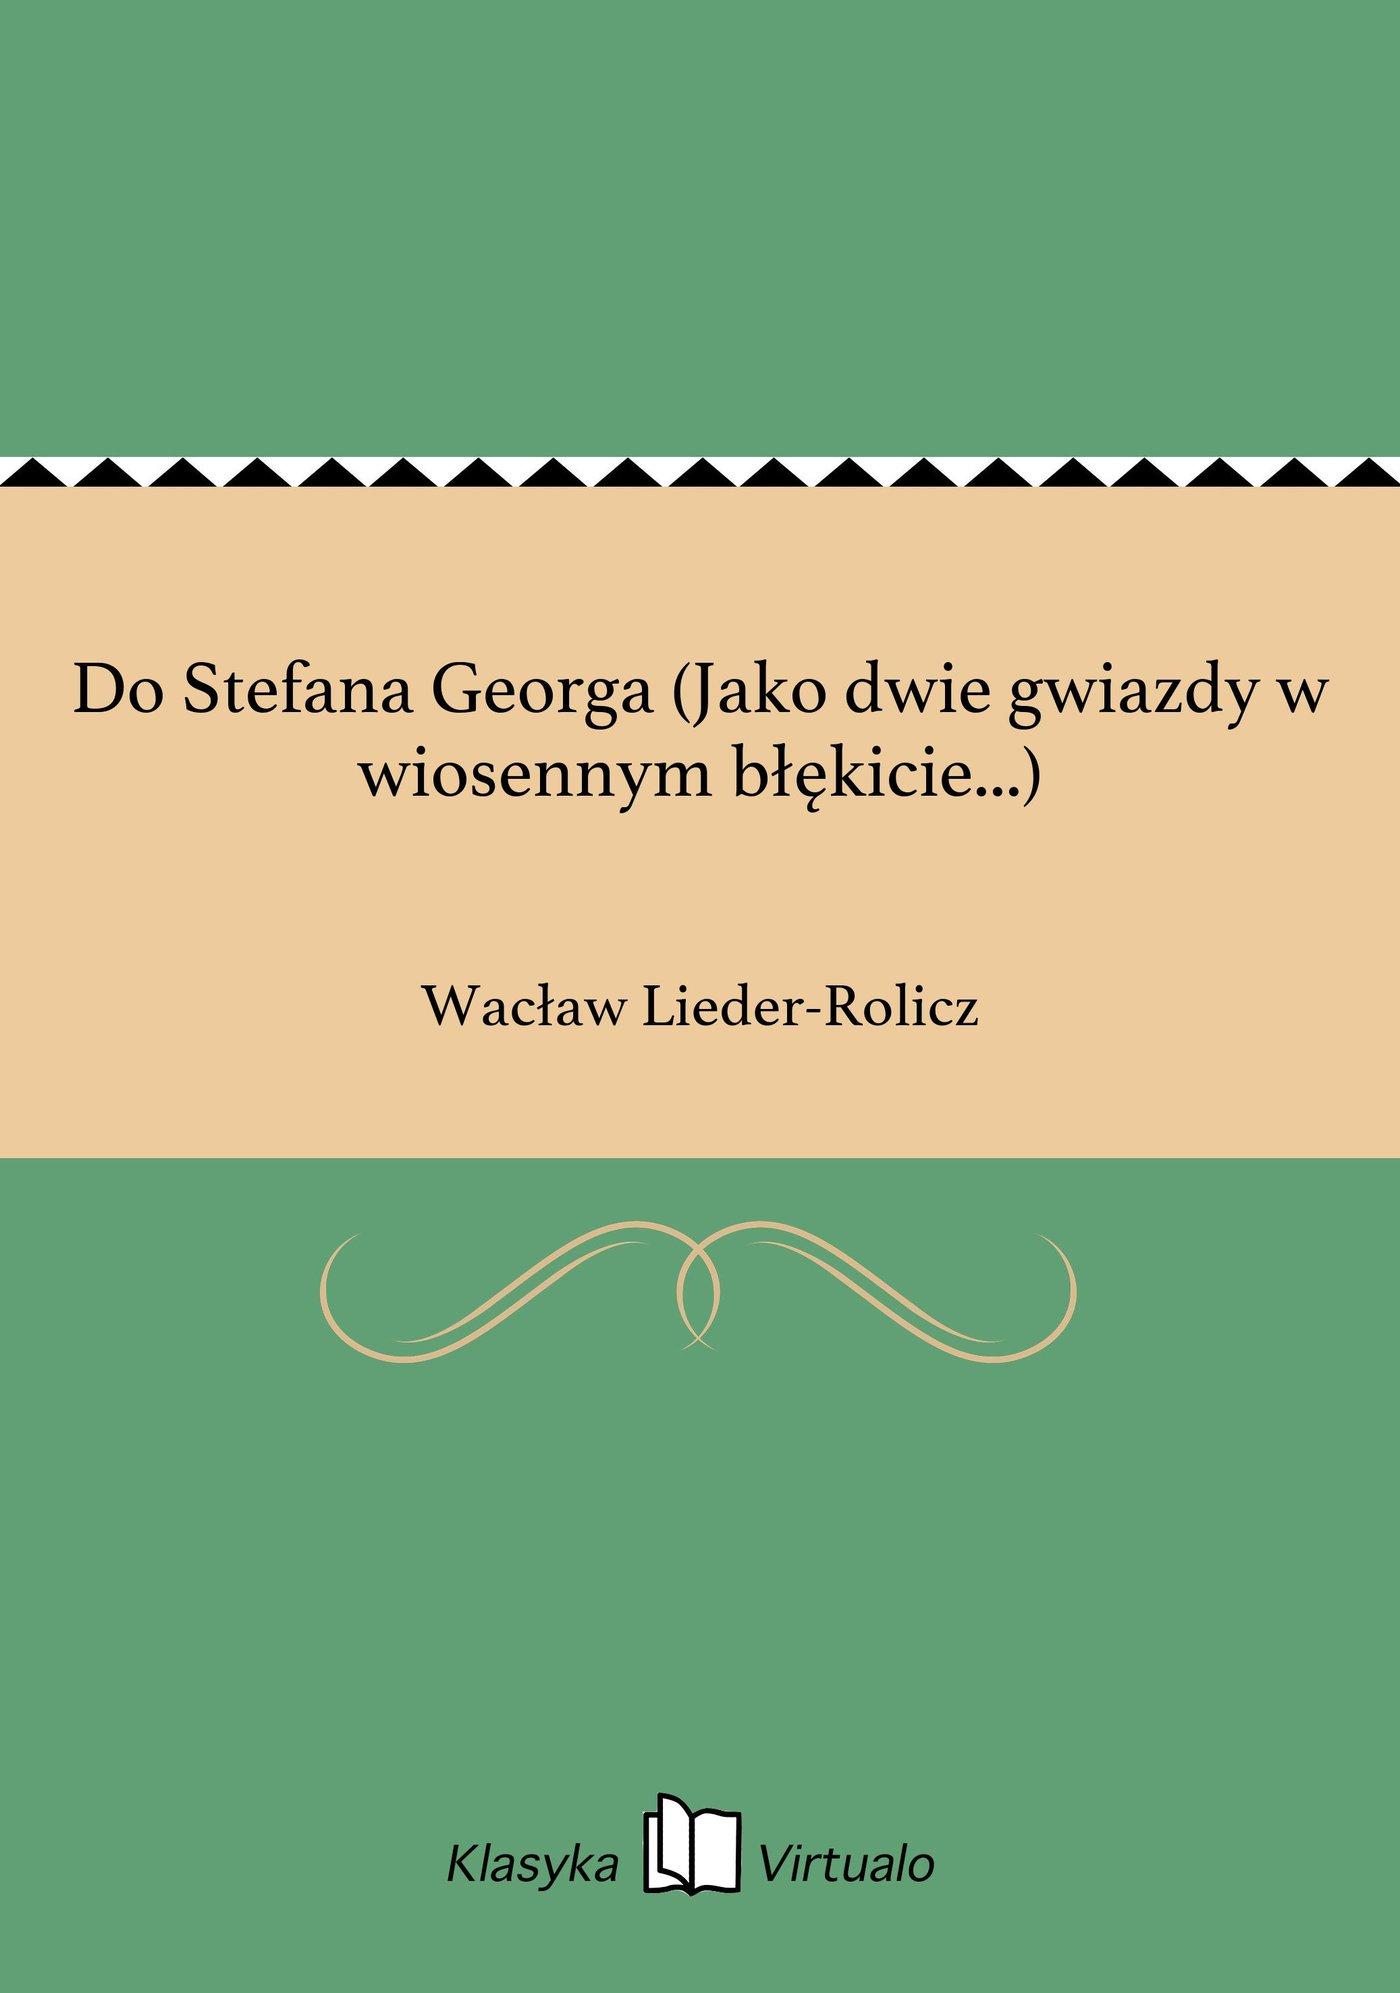 Do Stefana Georga (Jako dwie gwiazdy w wiosennym błękicie...) - Ebook (Książka EPUB) do pobrania w formacie EPUB